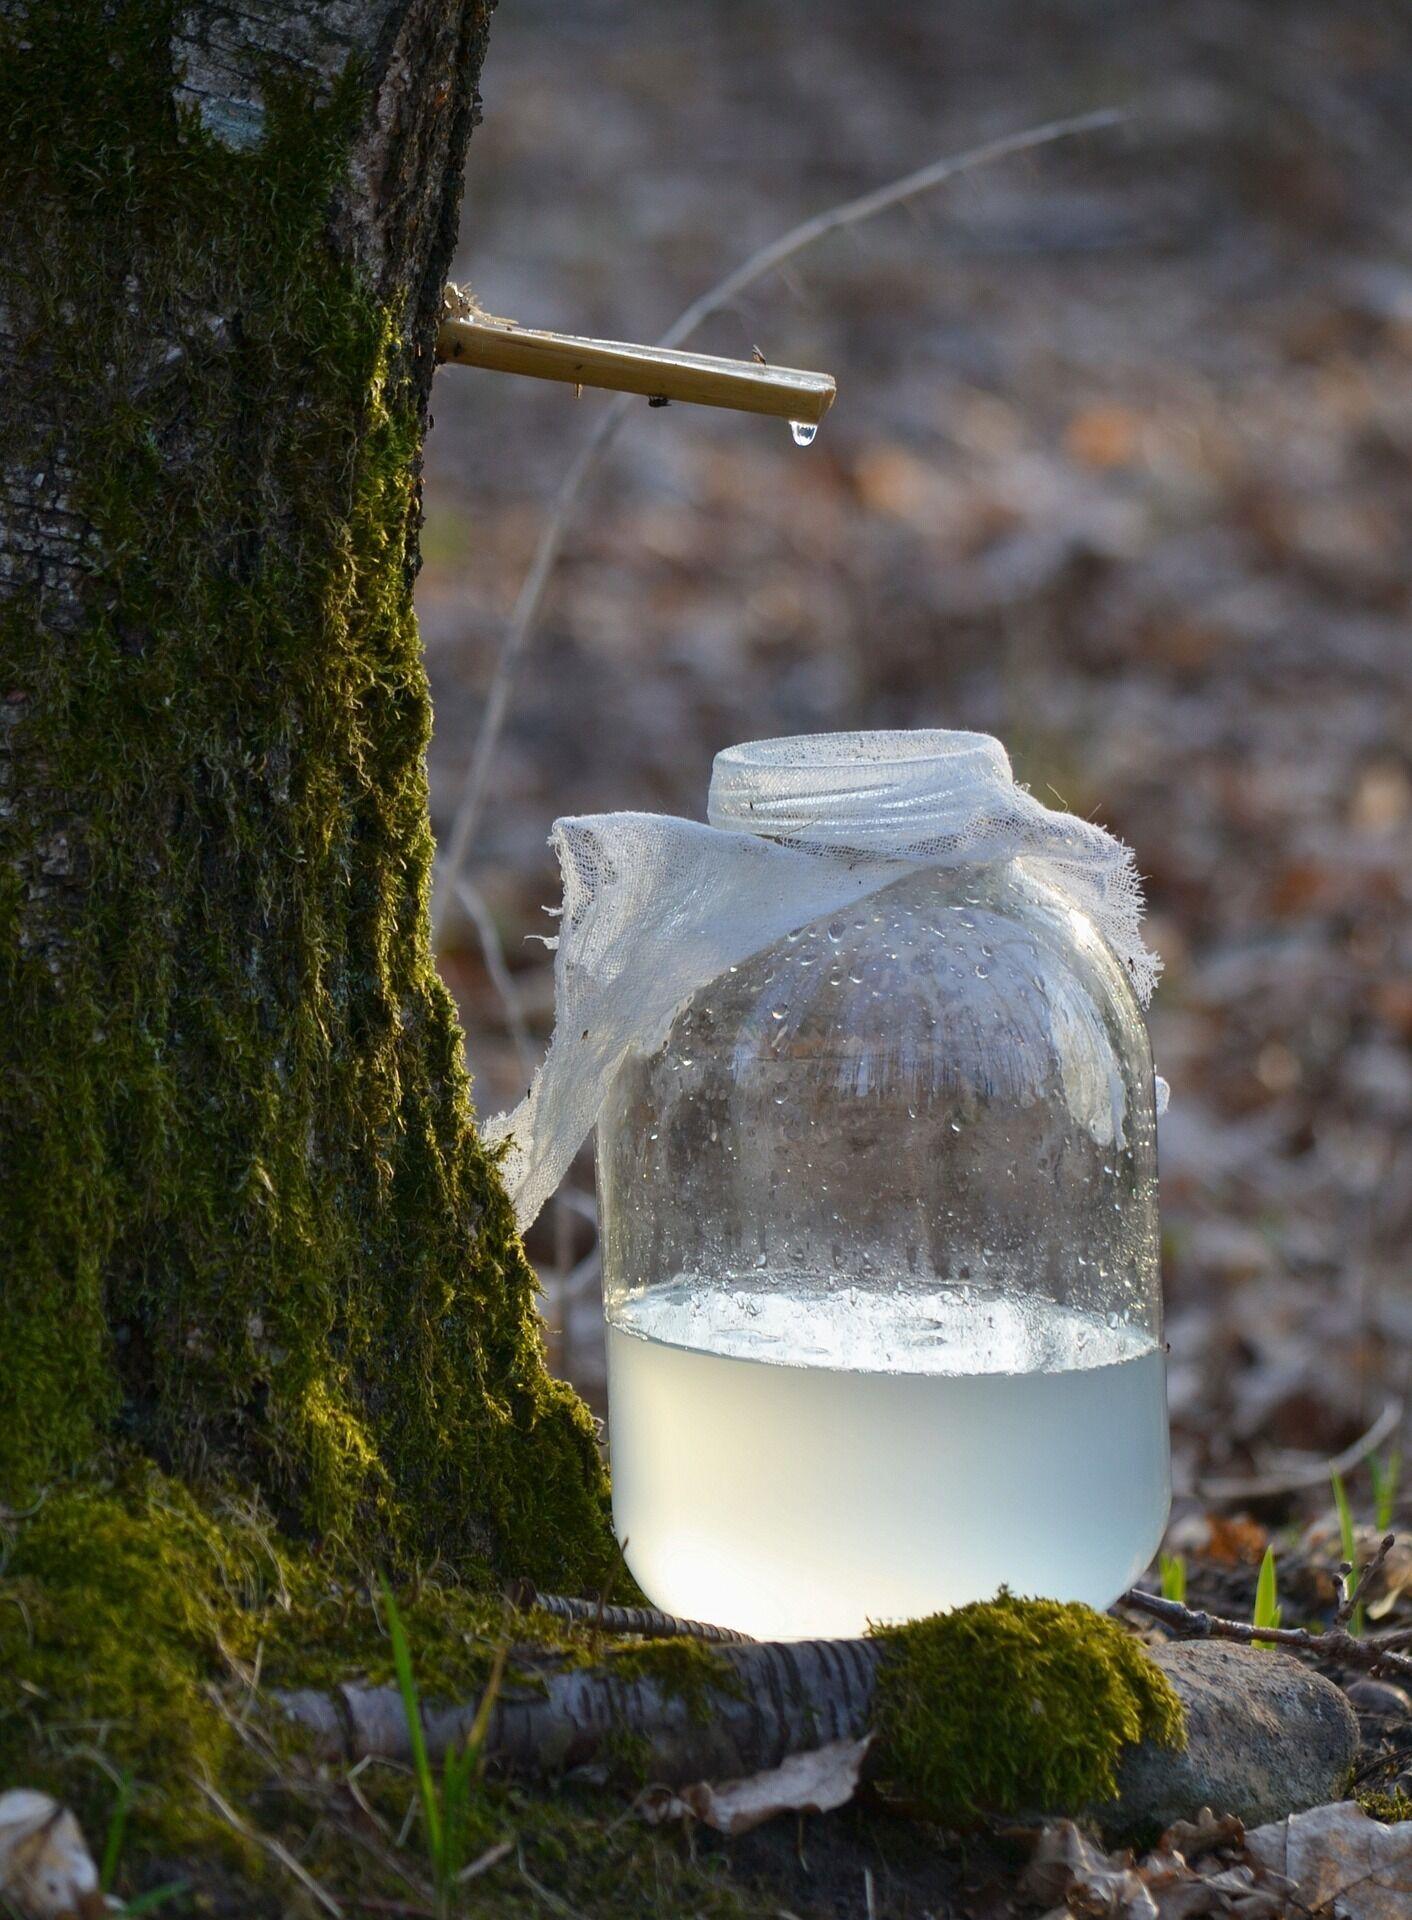 На Берещенье наши предки выходили в рощу слушать березы, чтобы определить, началось ли движение сока